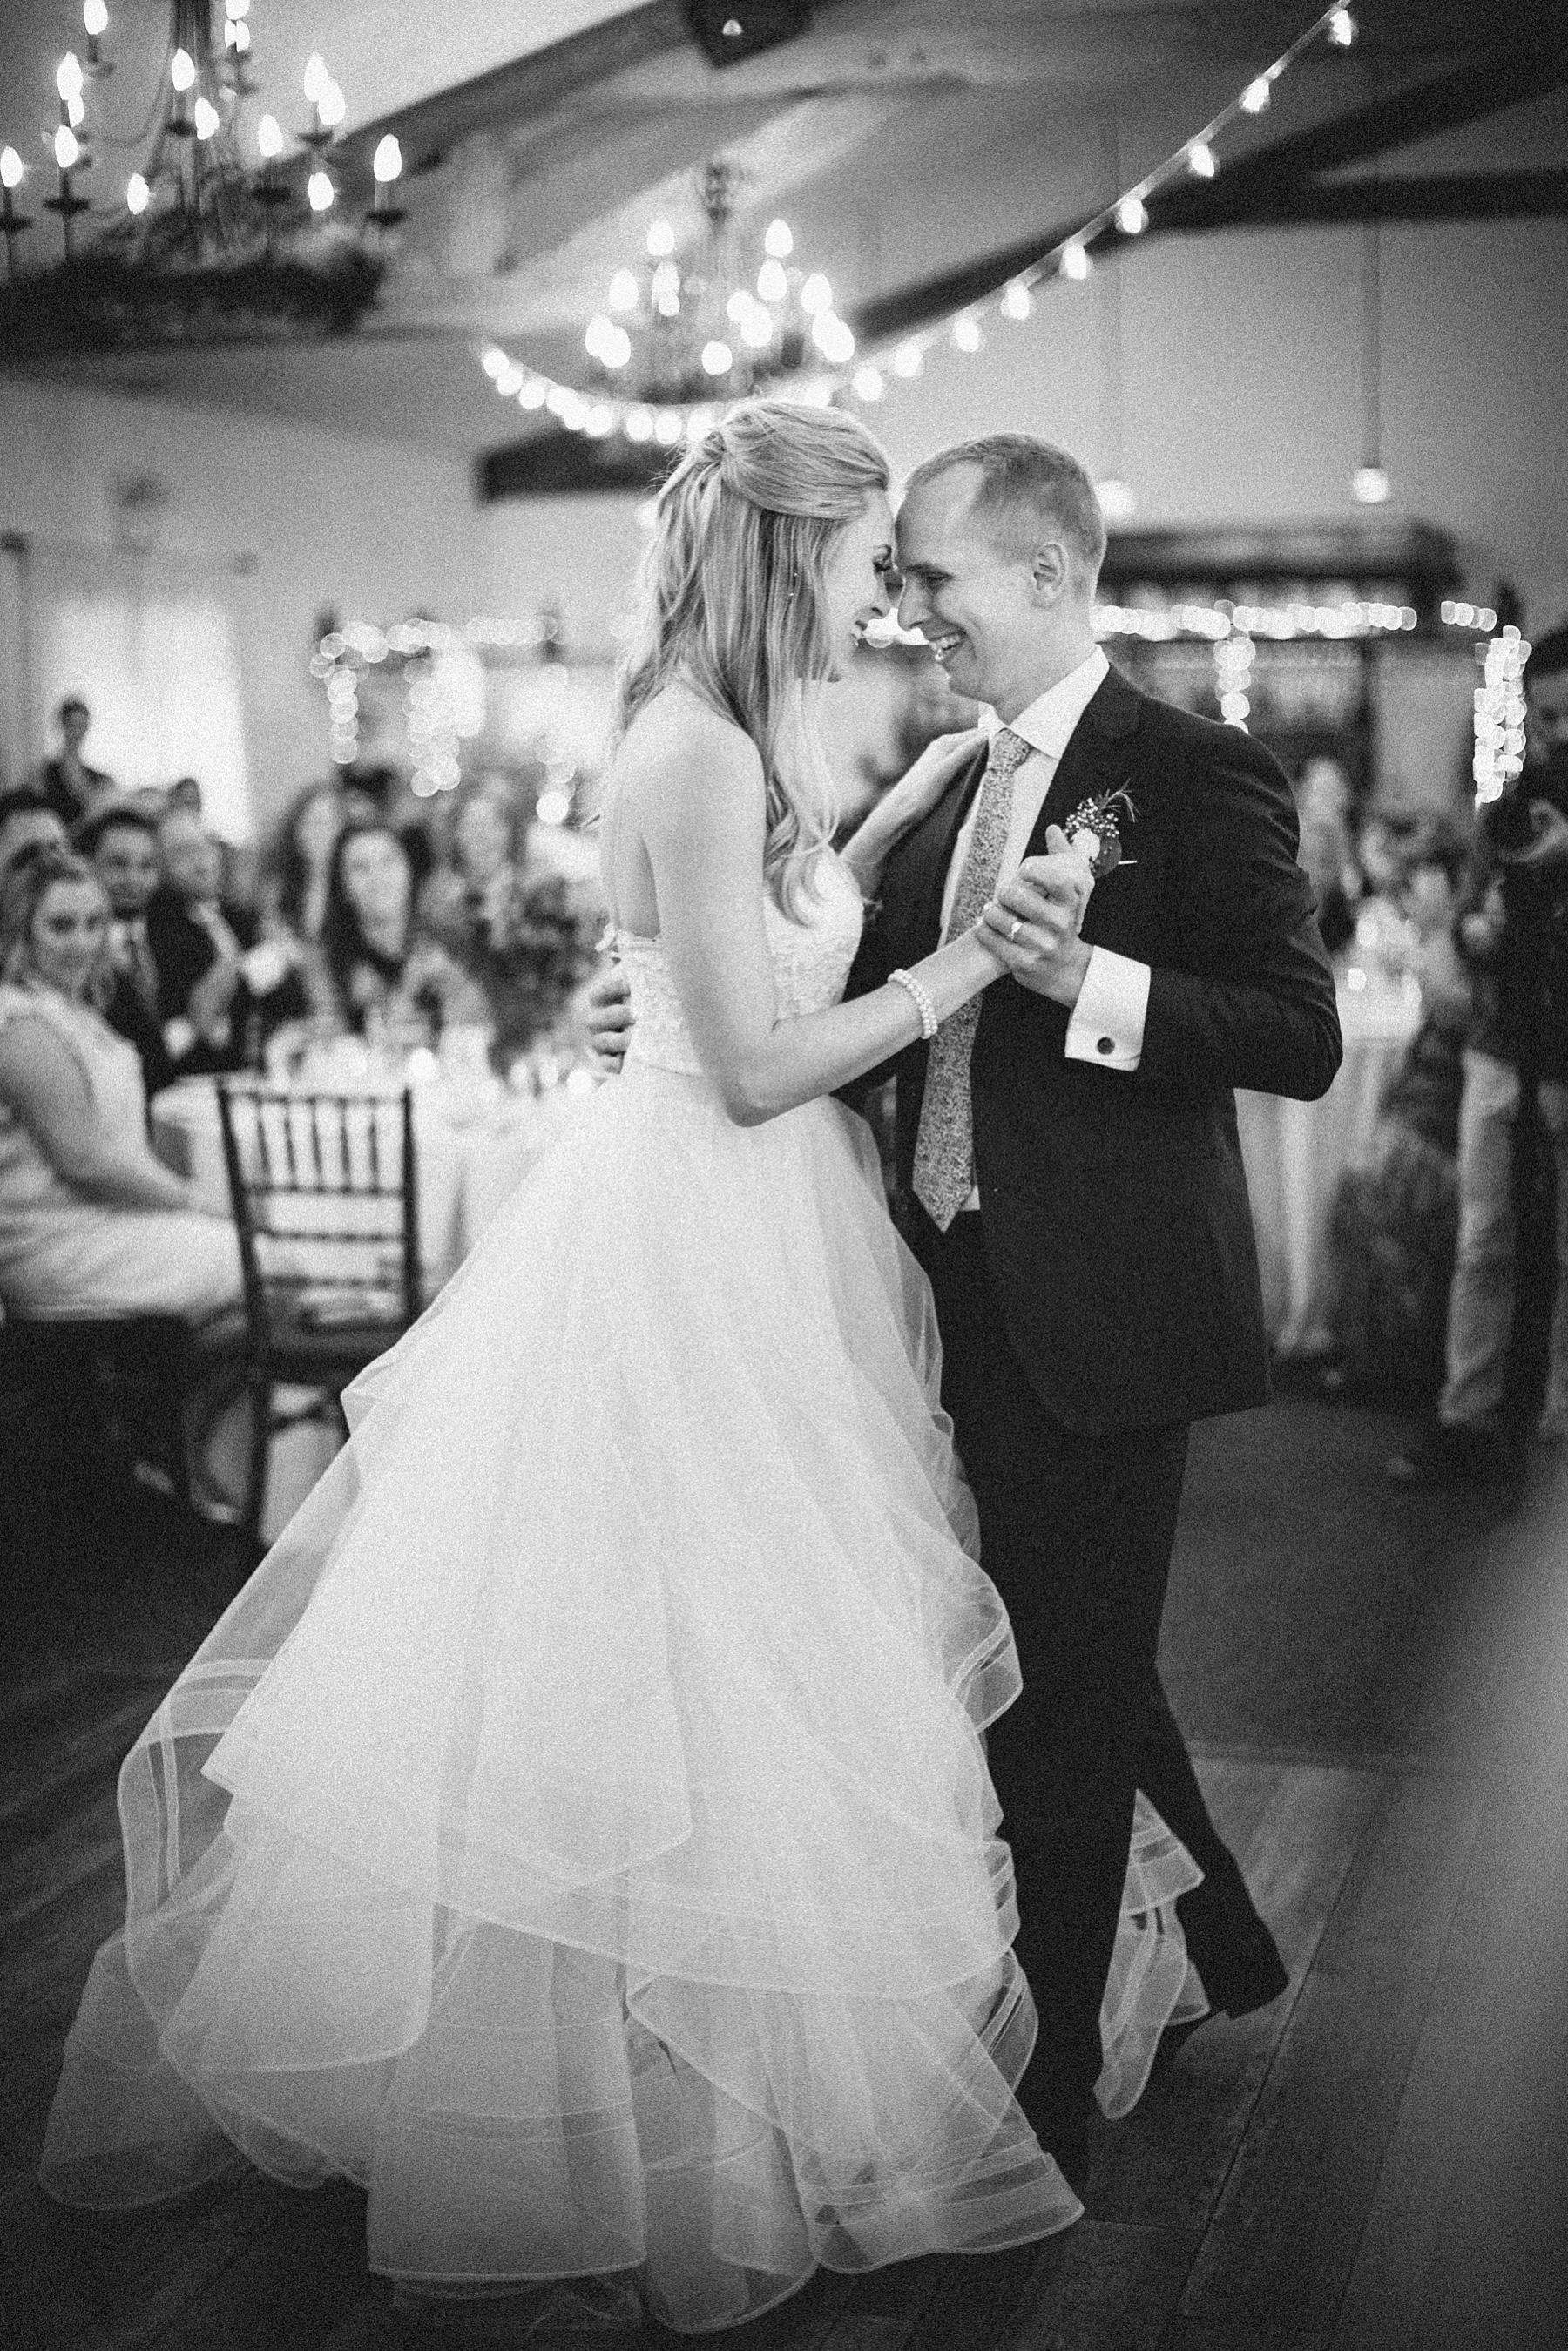 childhood-home-wedding-new-hope-pa-lambertville-nj_0076.jpg